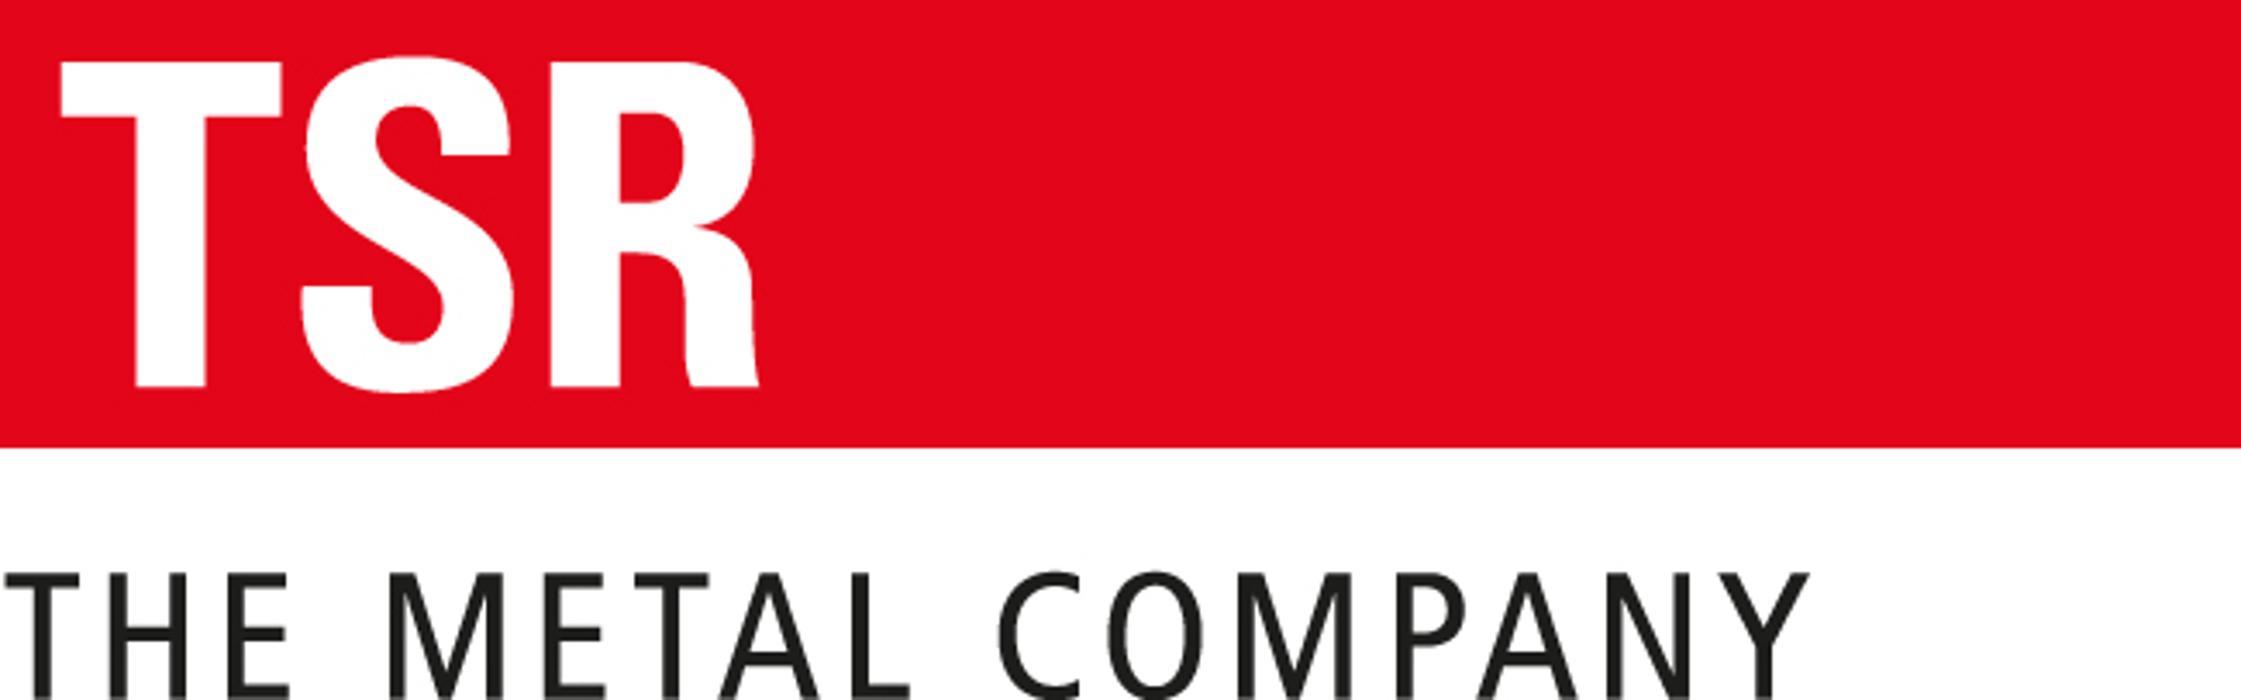 TSR Recycling GmbH & Co. KG